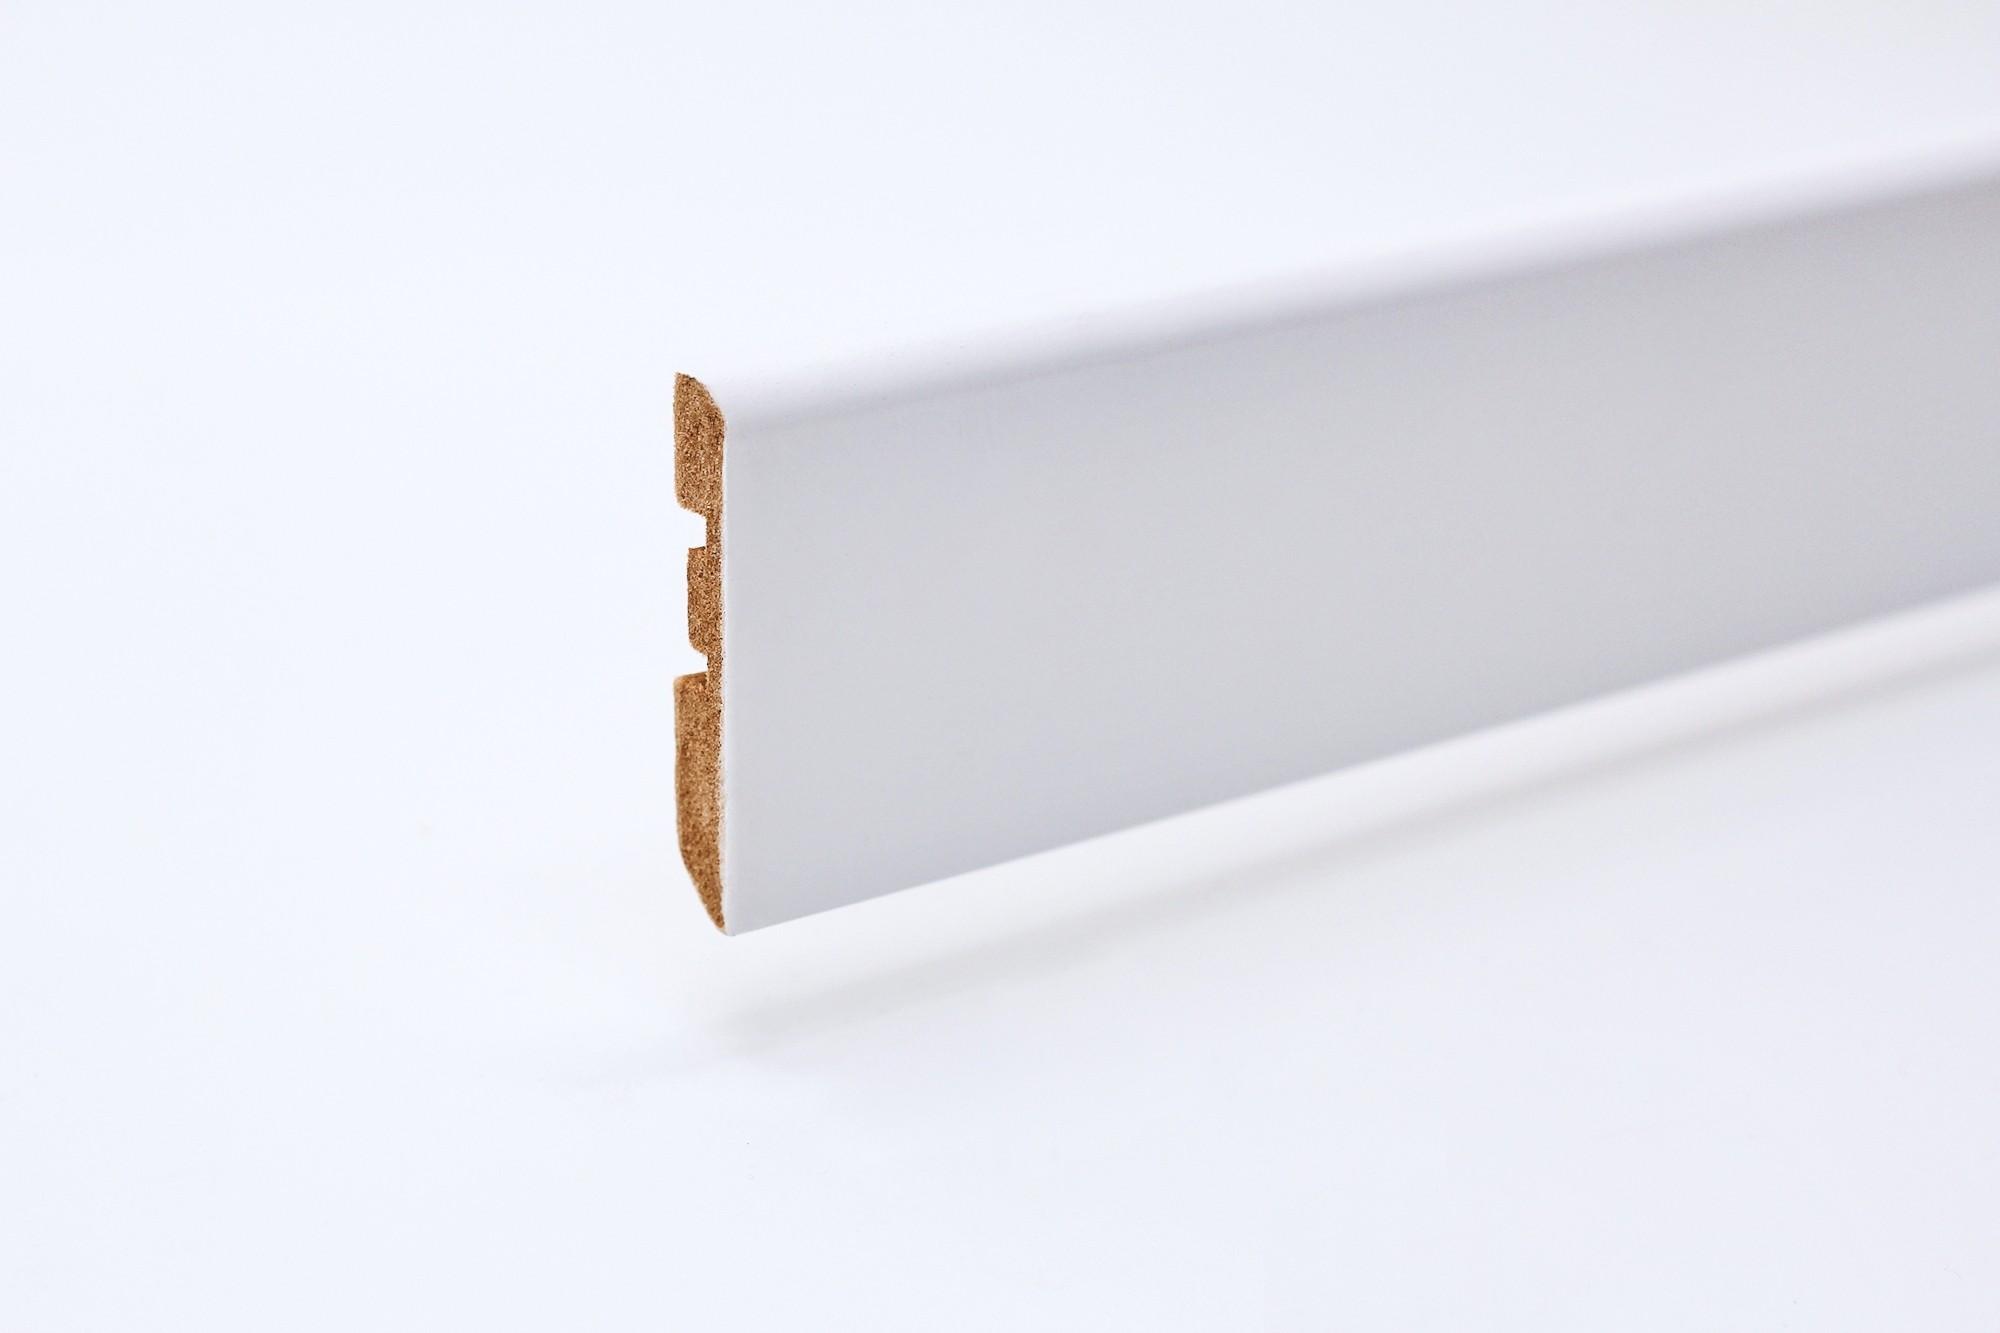 Sockelleiste (2400 x 10 x 58) abgerundet weiß lackiert - Interio